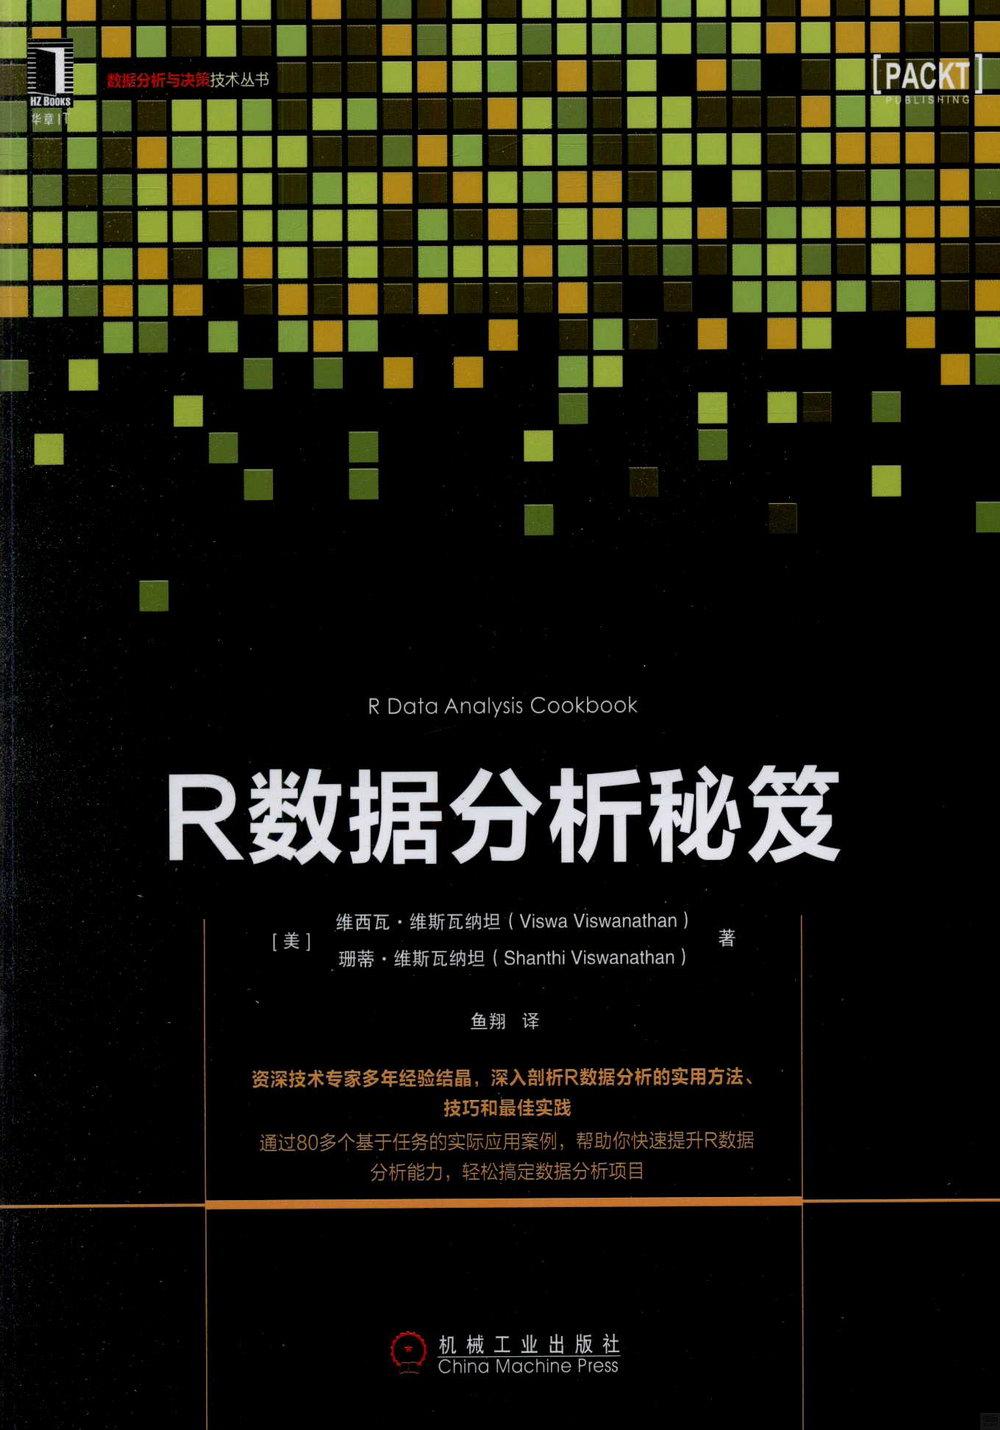 R數據分析秘笈